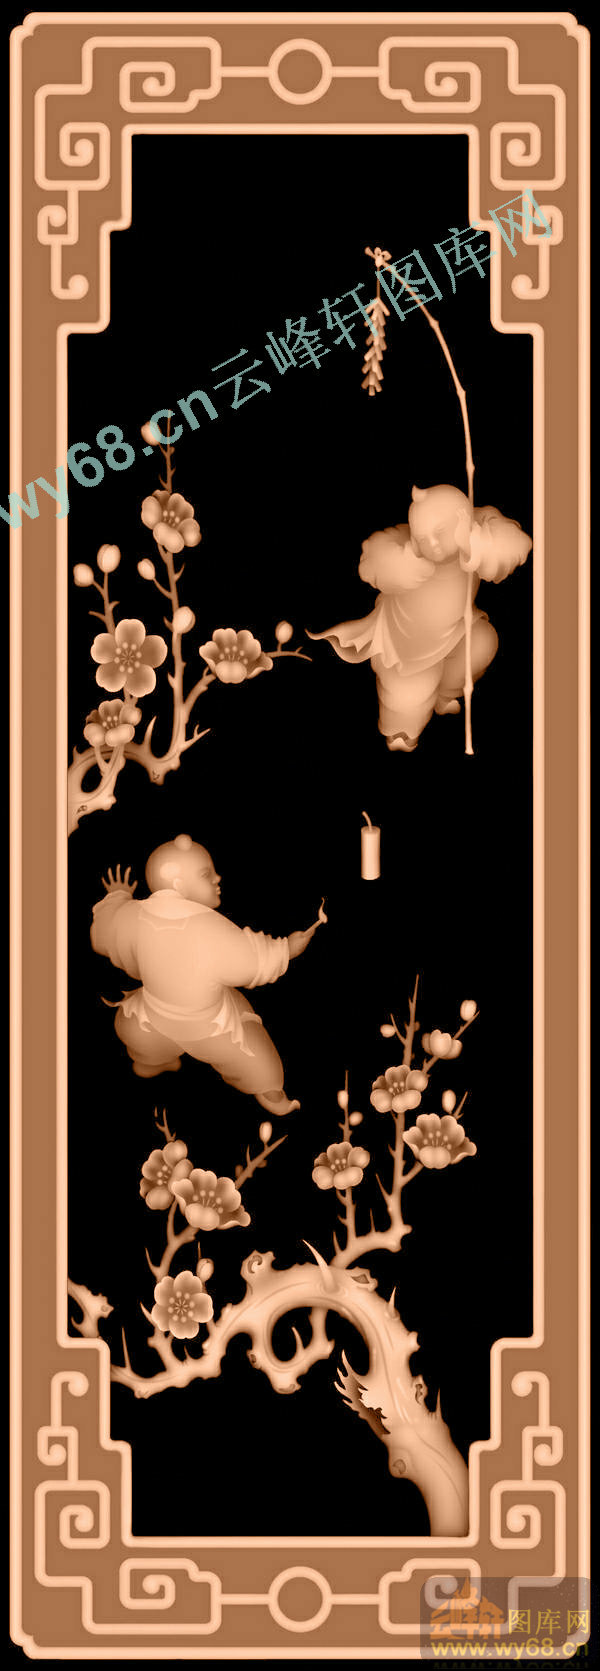 梅花童子-花鸟精雕图案-精雕图,jpd图,浮雕图,云峰轩